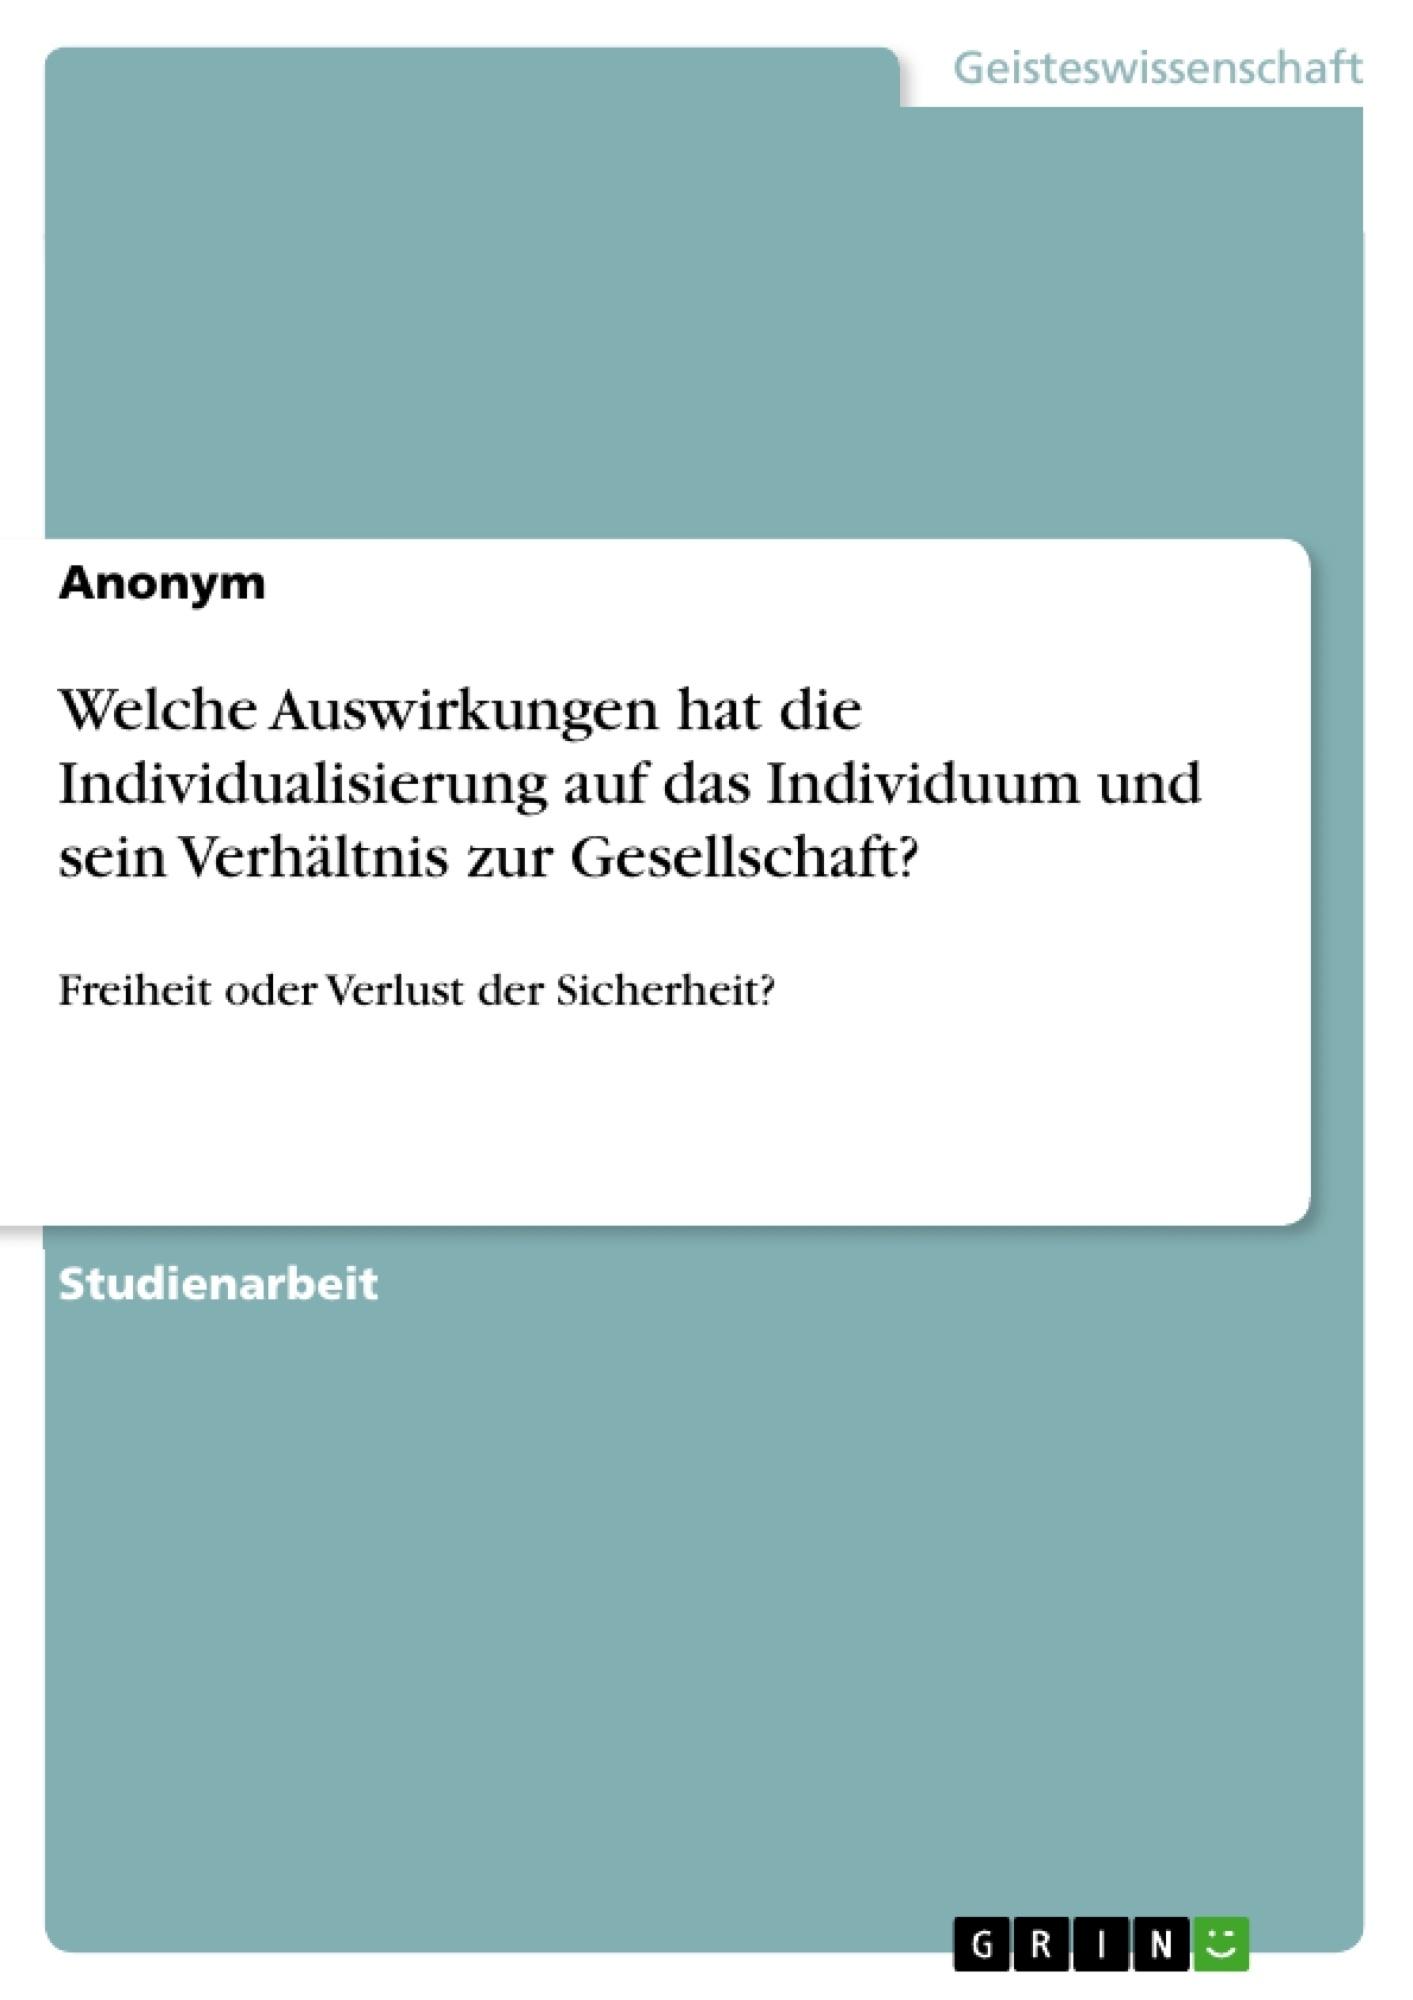 Titel: Welche Auswirkungen hat die  Individualisierung auf das Individuum und sein Verhältnis zur Gesellschaft?